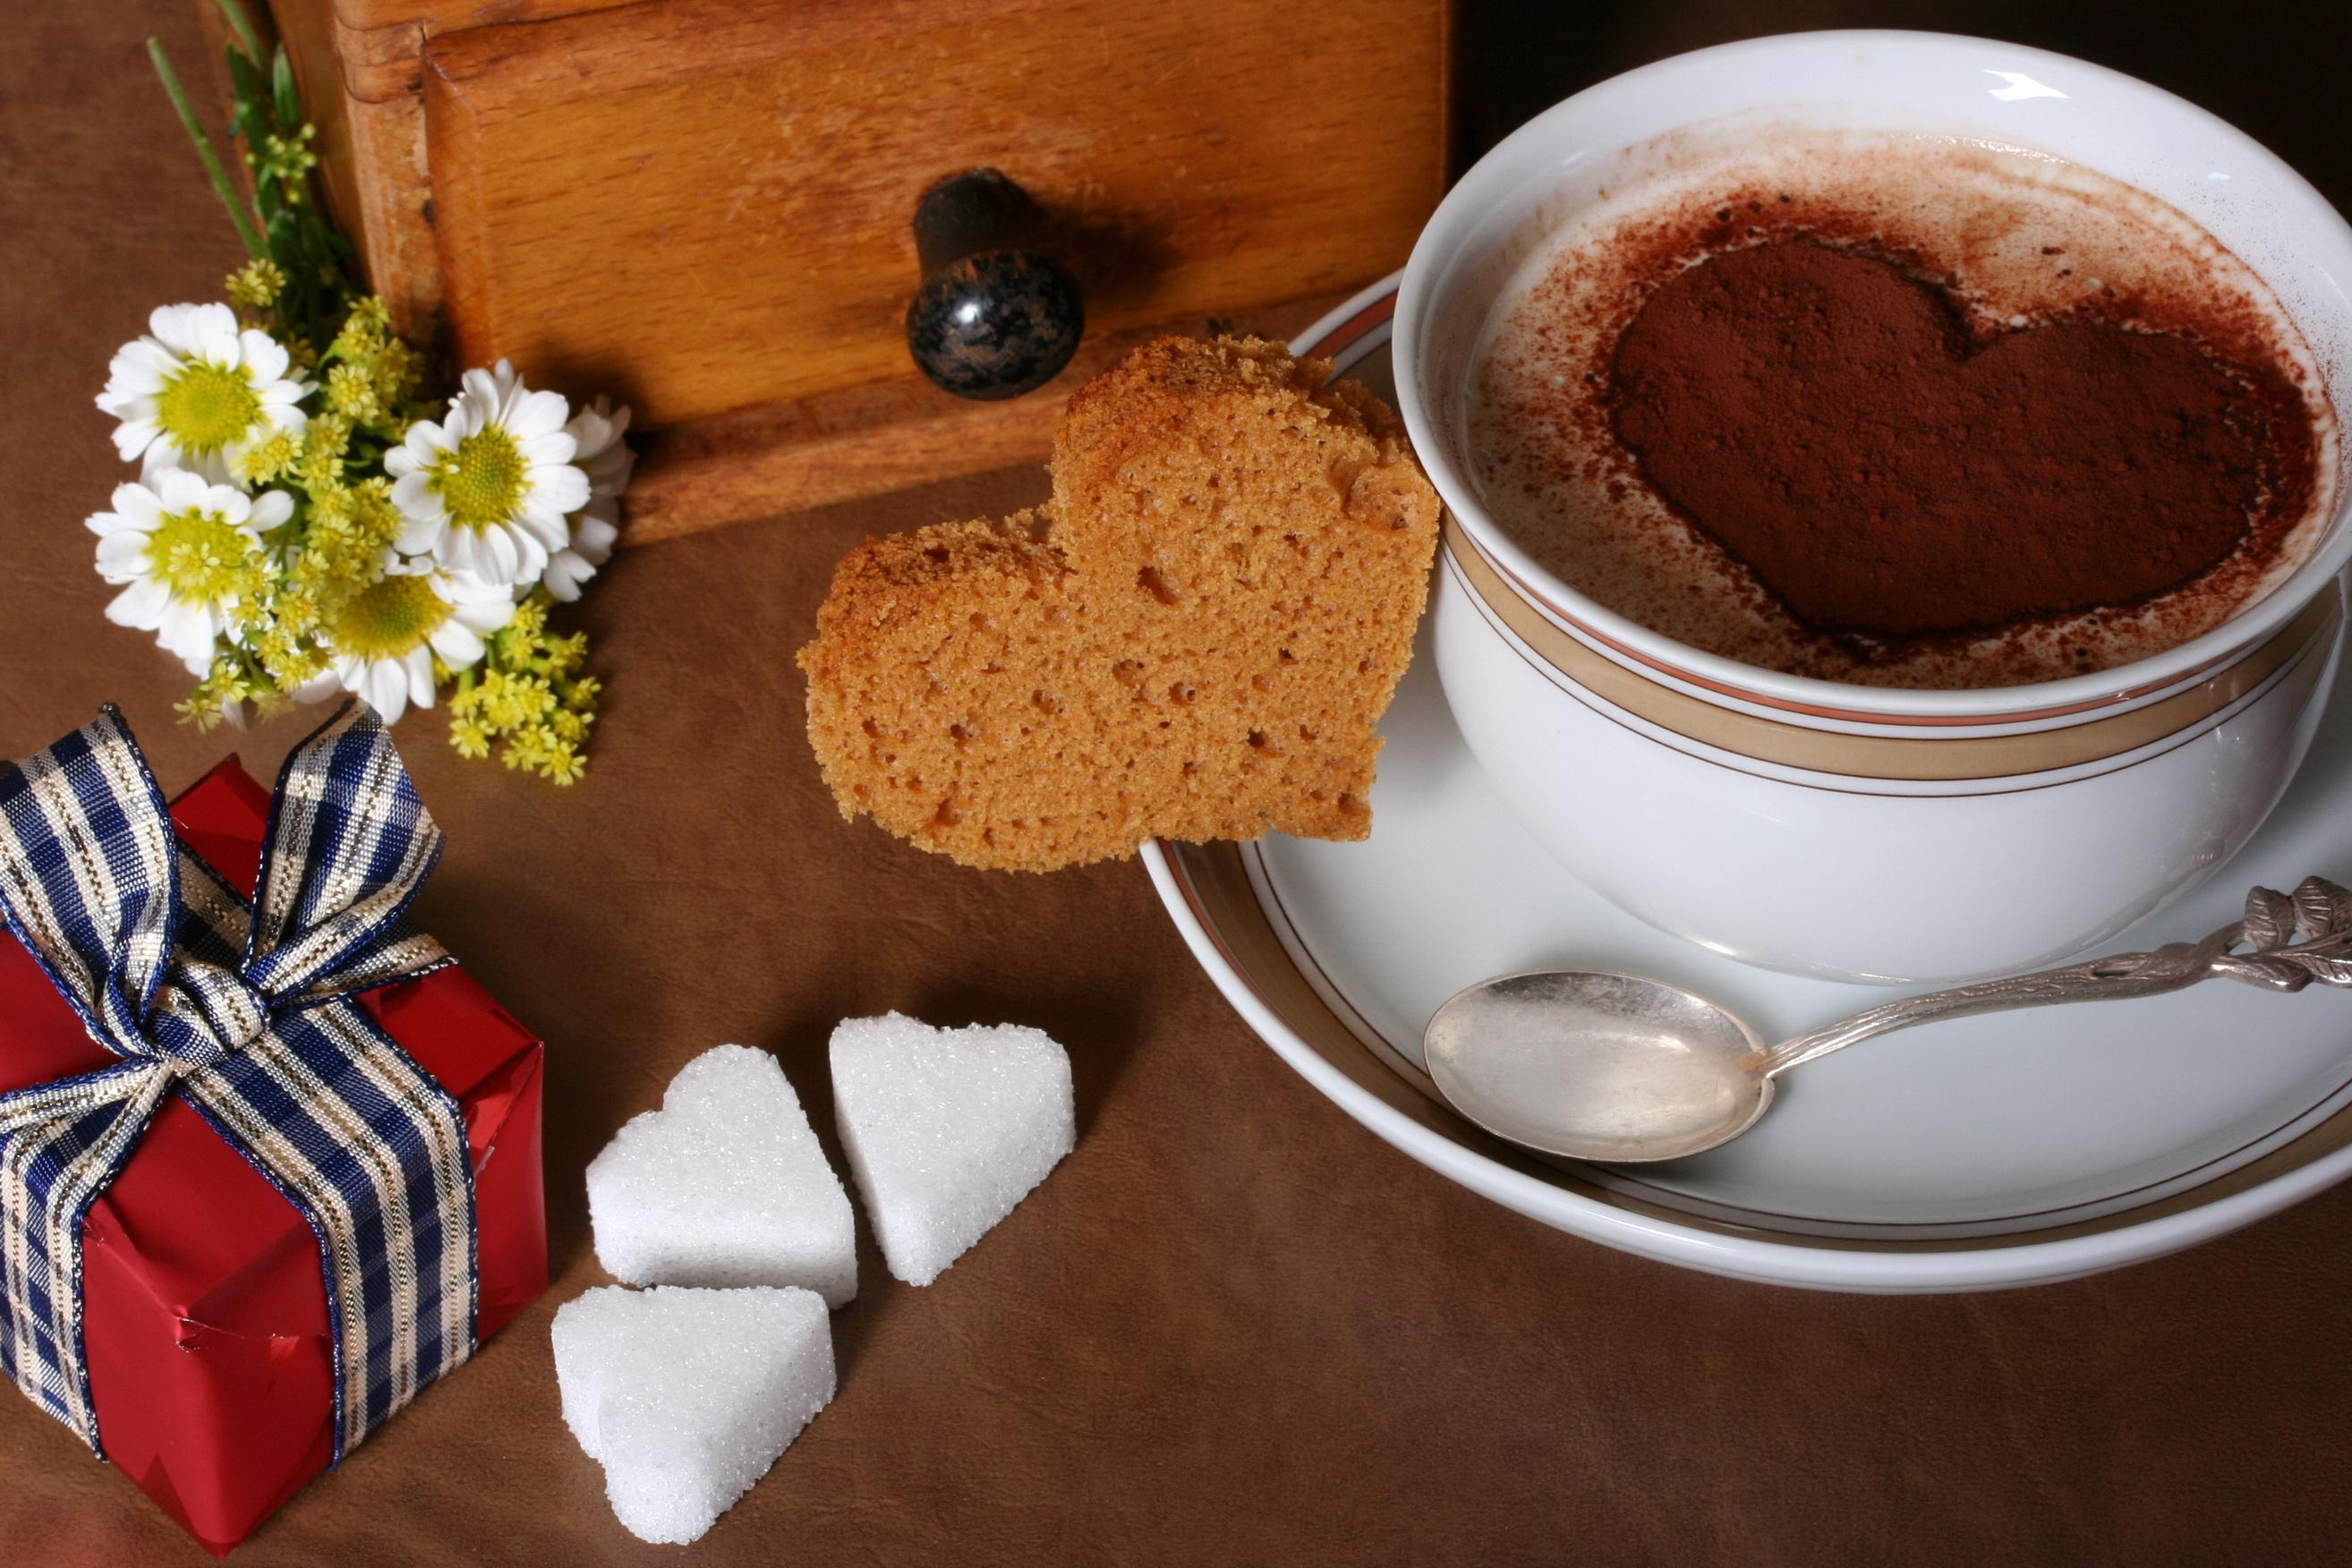 еда кофе хлеб любовь загрузить